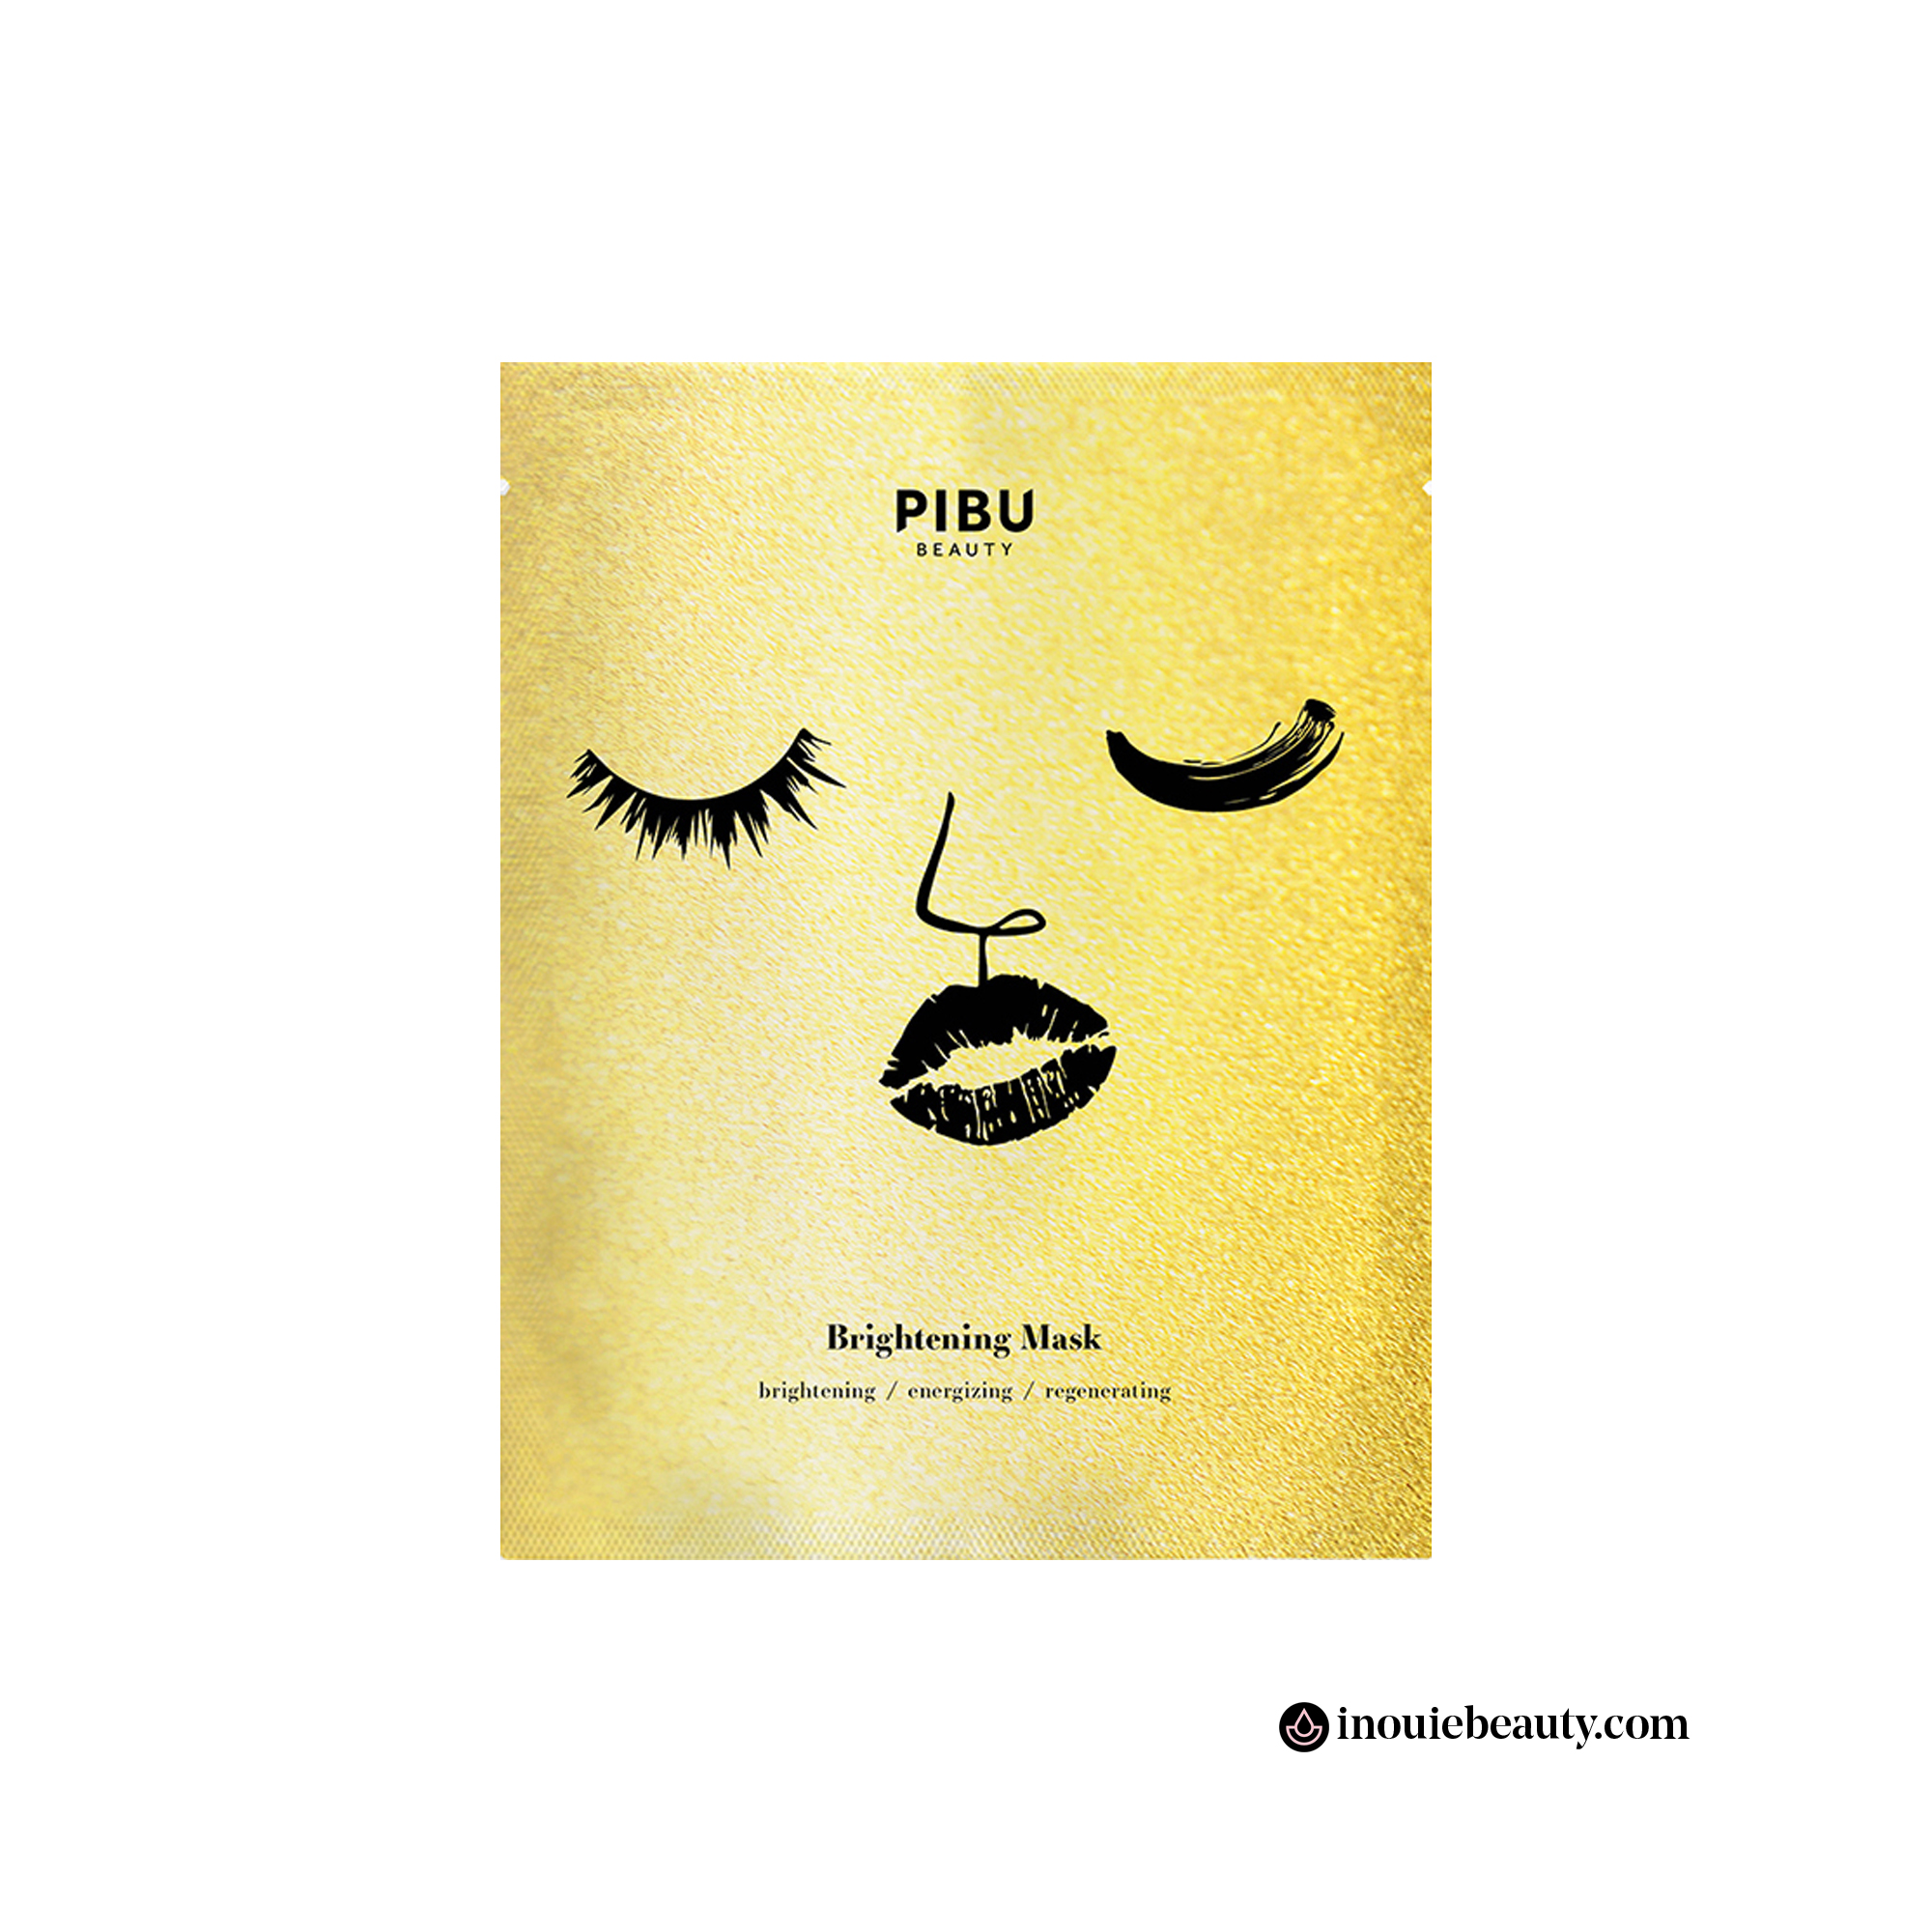 Pibu Beauty Brightening Mask